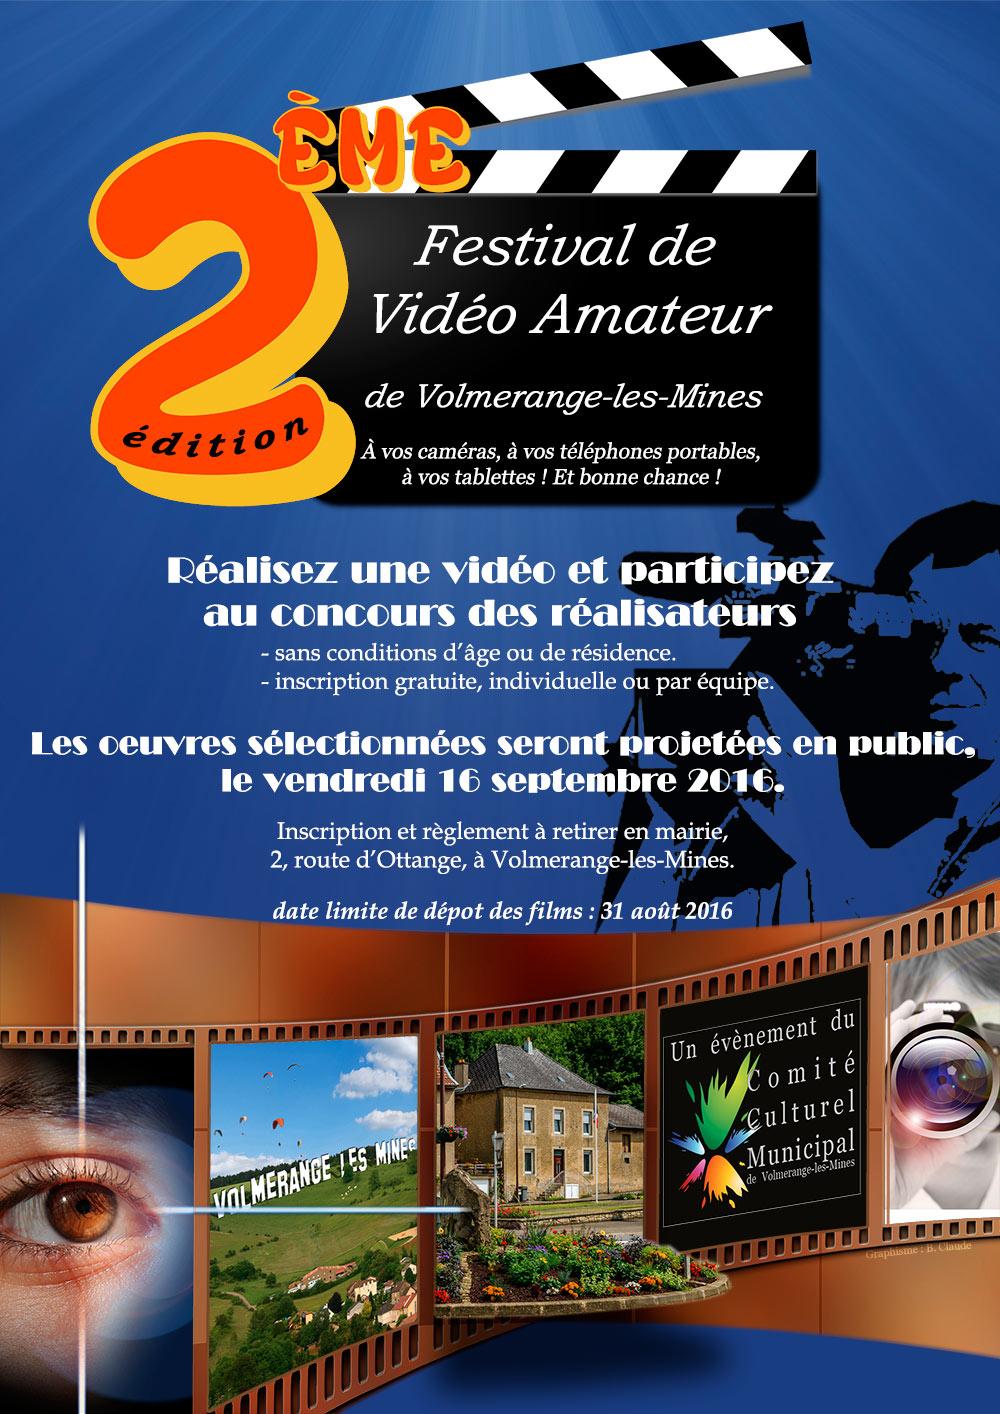 Deuxième édition du Festival de Vidéo Amateur de Volmerange